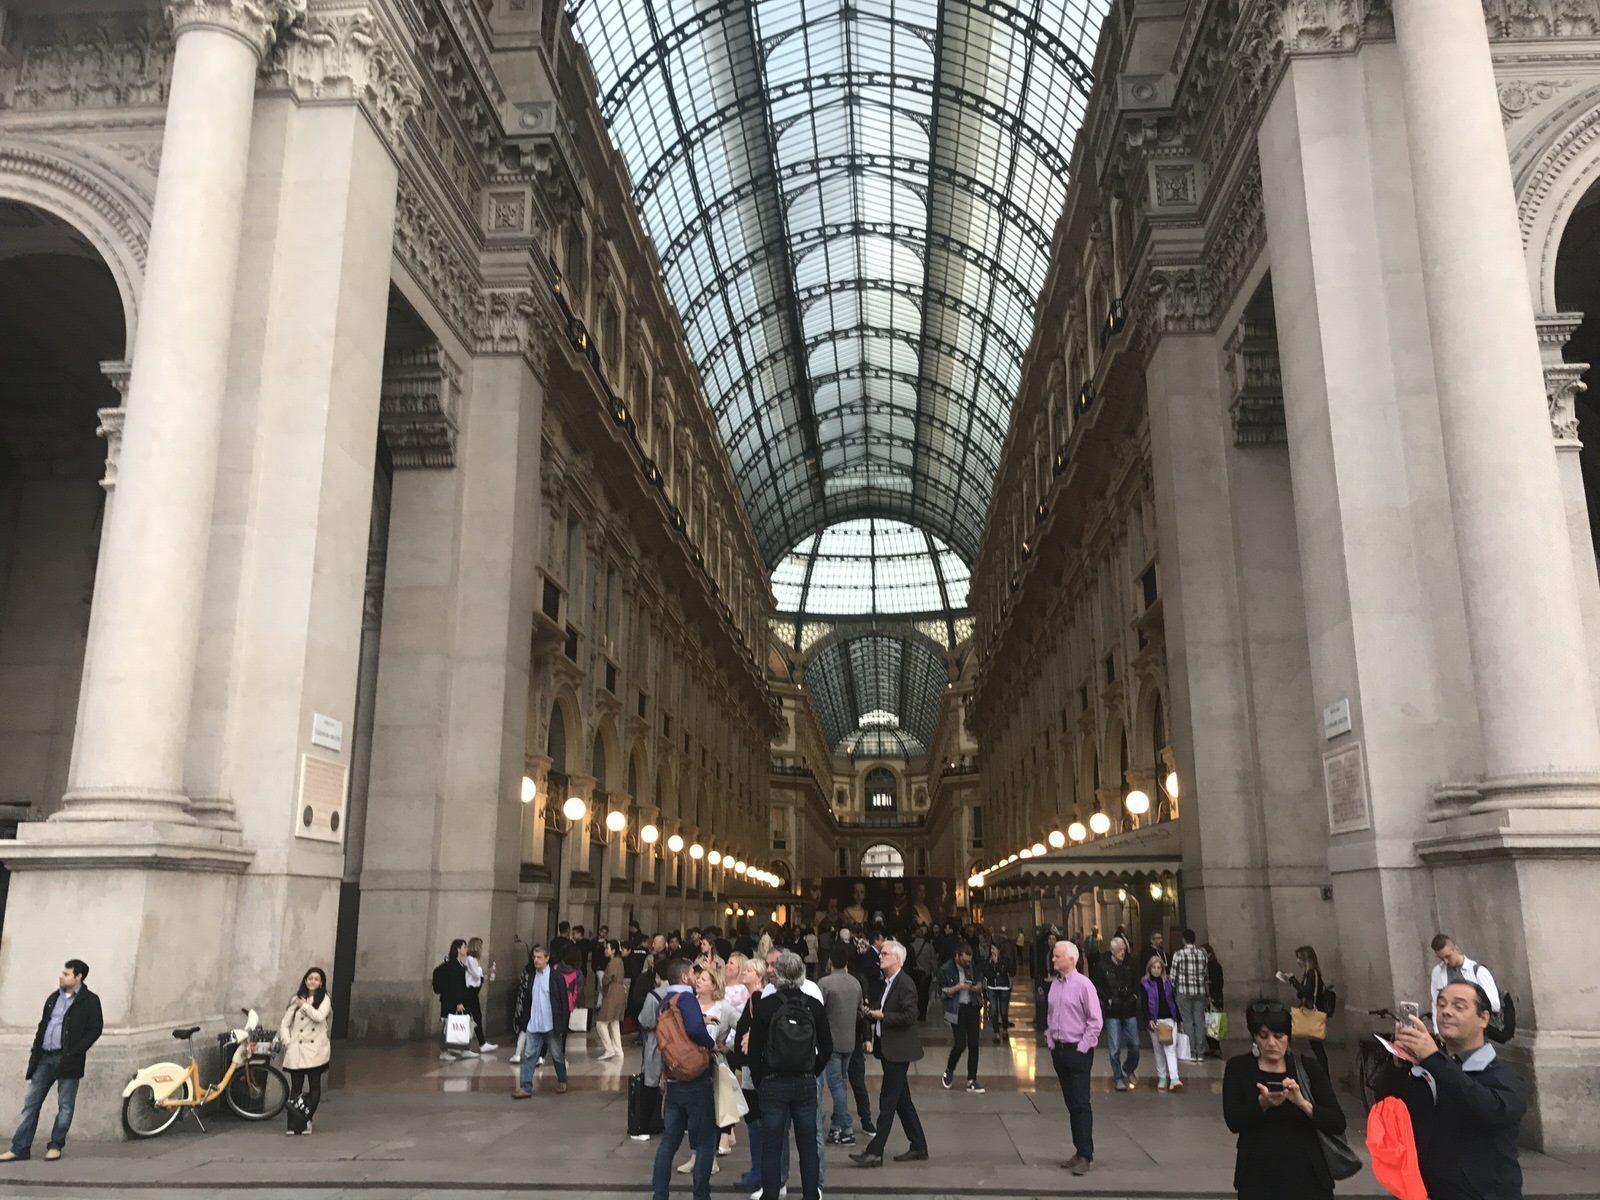 Galleria vittorio Emanuele Milano